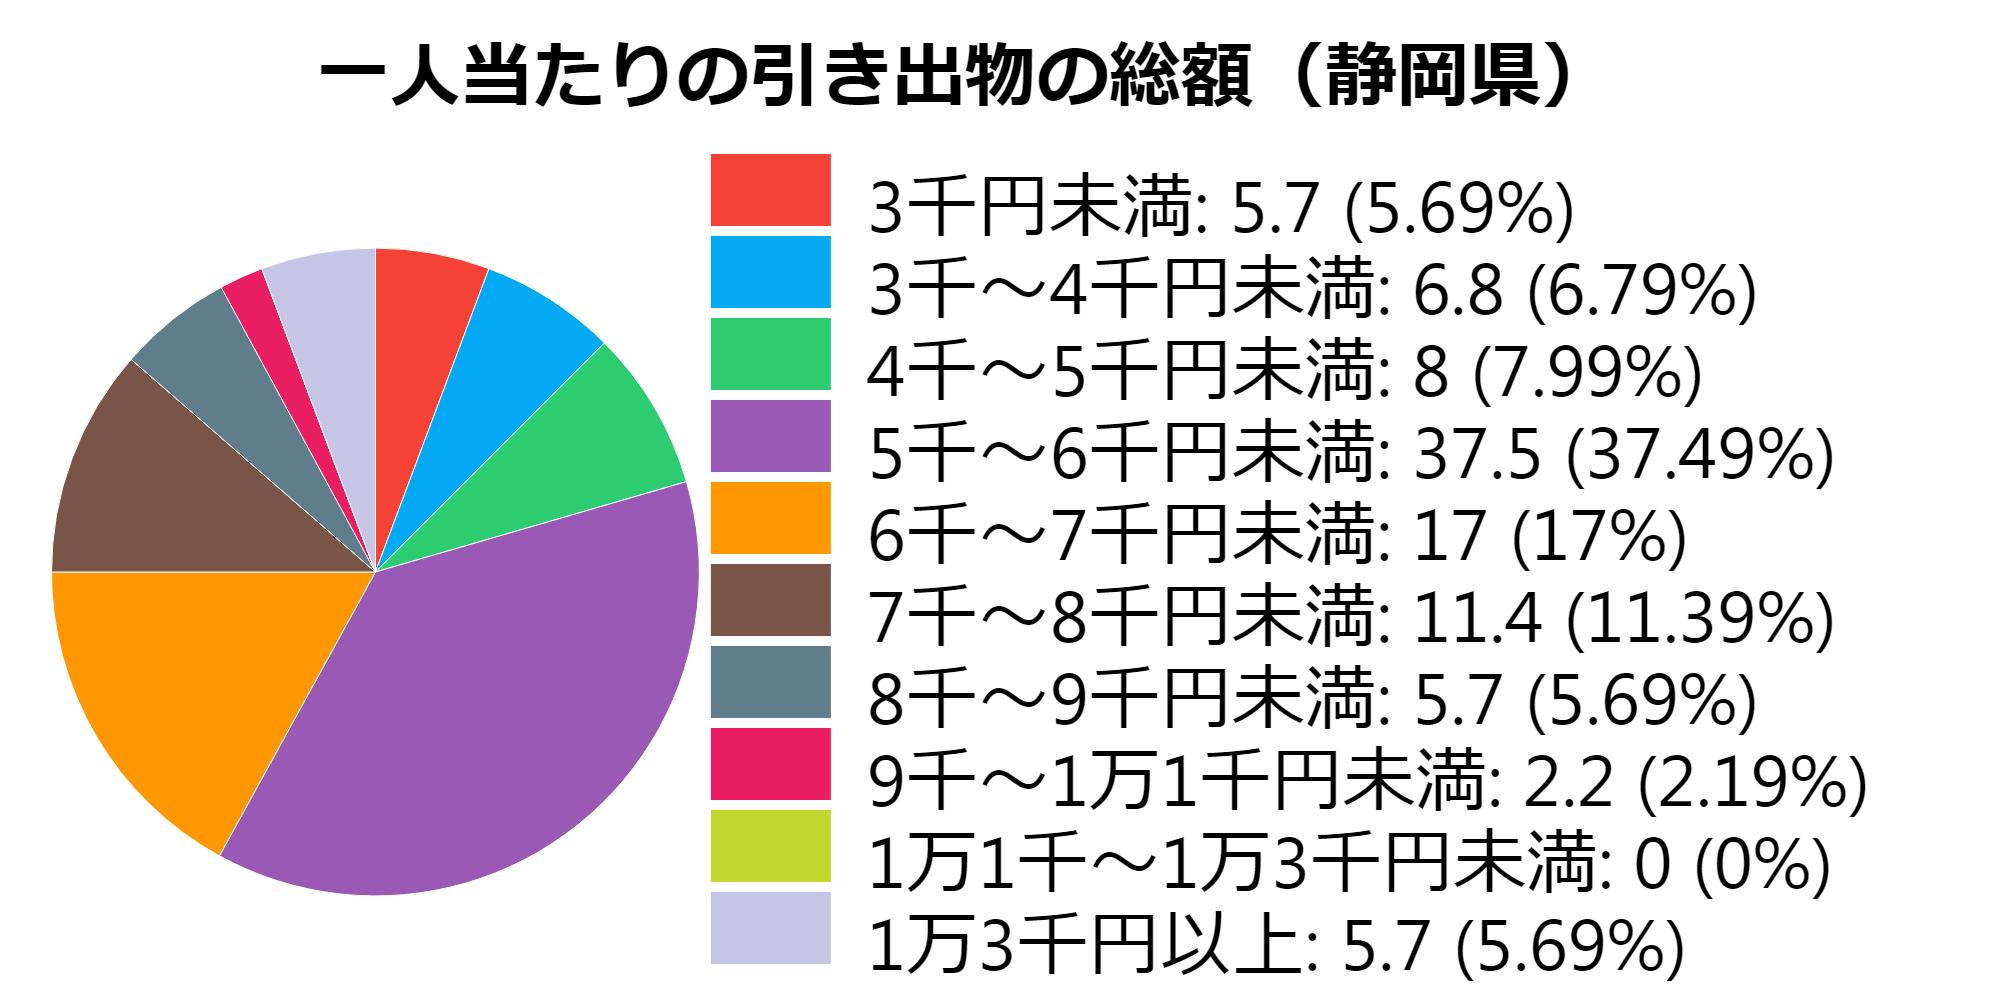 総額(静岡県)